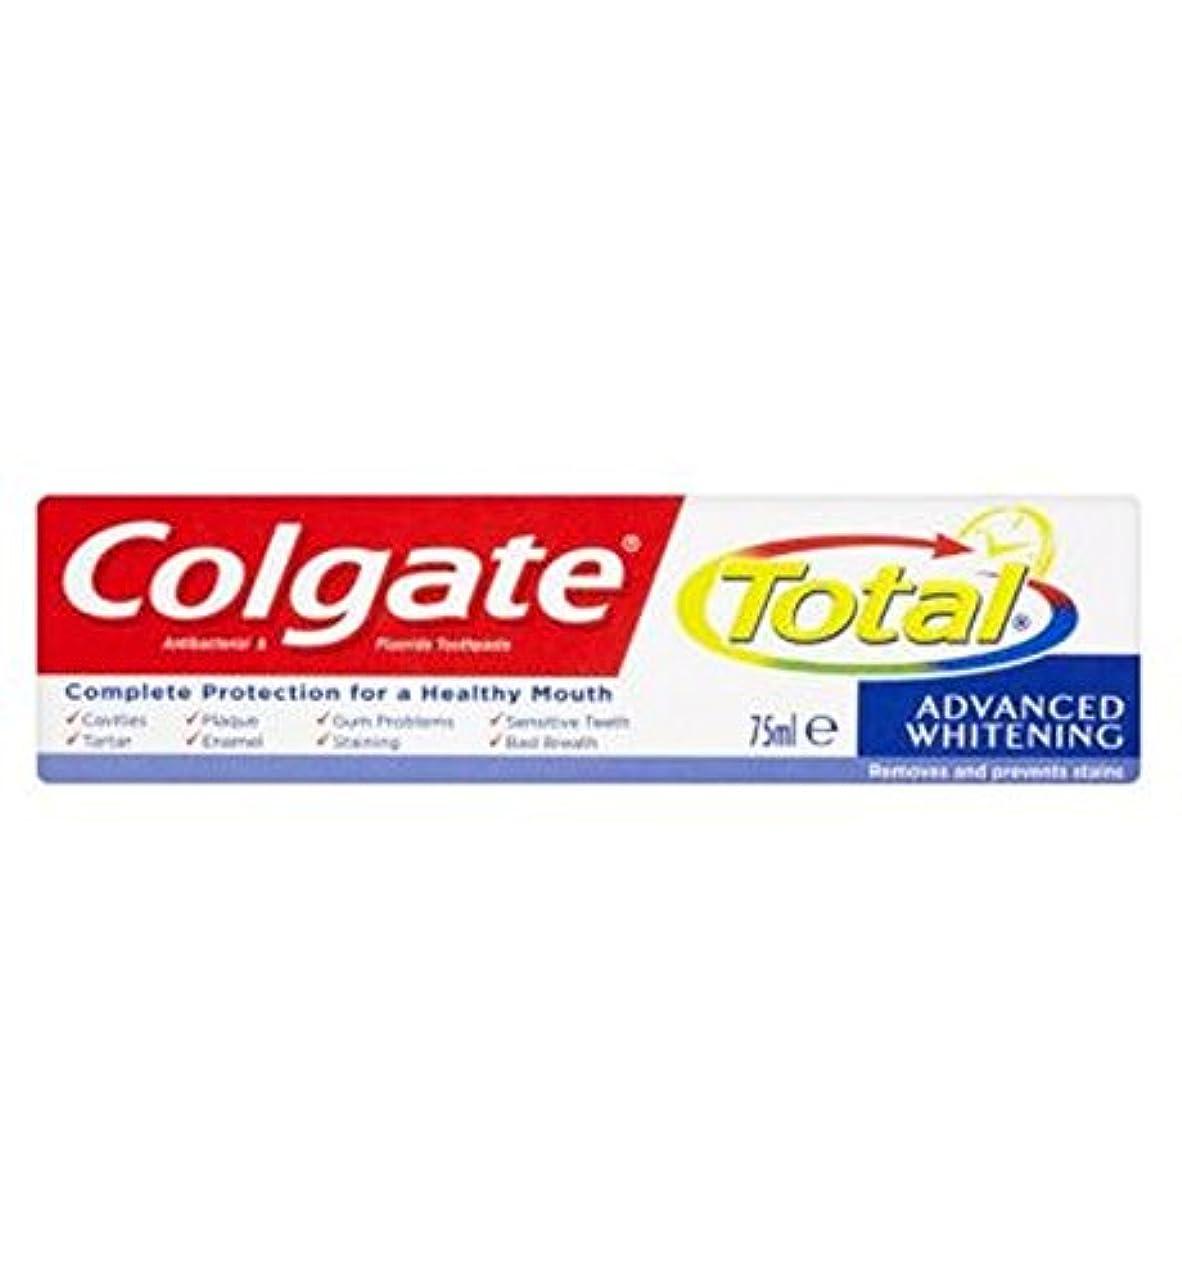 トランジスタ聖歌干渉Colgate Total Advanced Whitening toothpaste 75ml - コルゲートトータル高度なホワイトニング歯磨き粉75ミリリットル (Colgate) [並行輸入品]